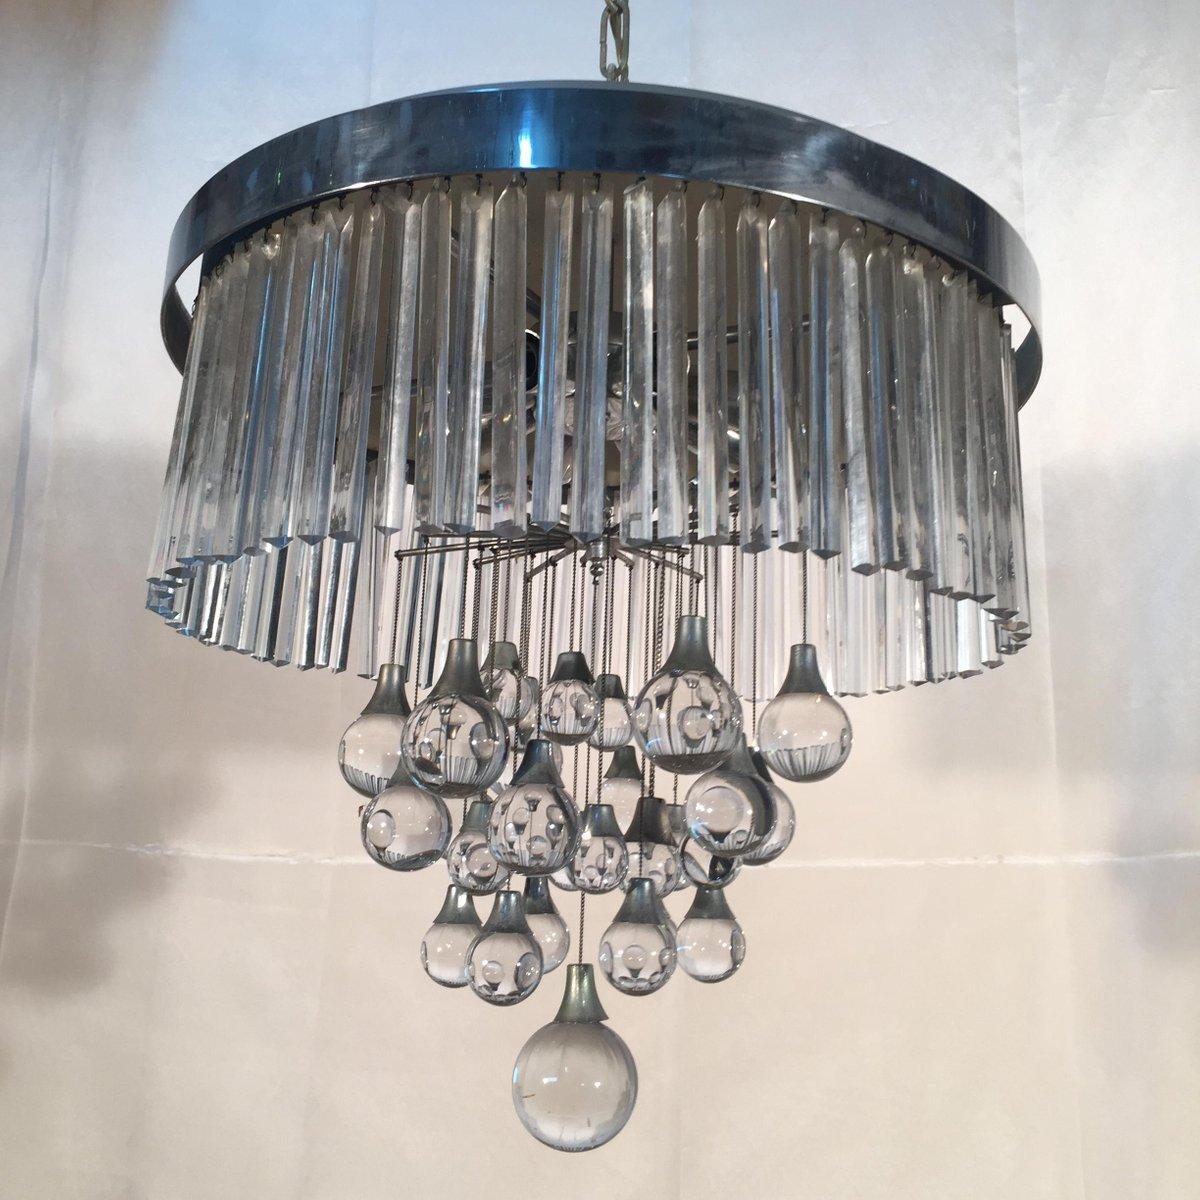 italienischer glas und metall kronleuchter von sciolari. Black Bedroom Furniture Sets. Home Design Ideas